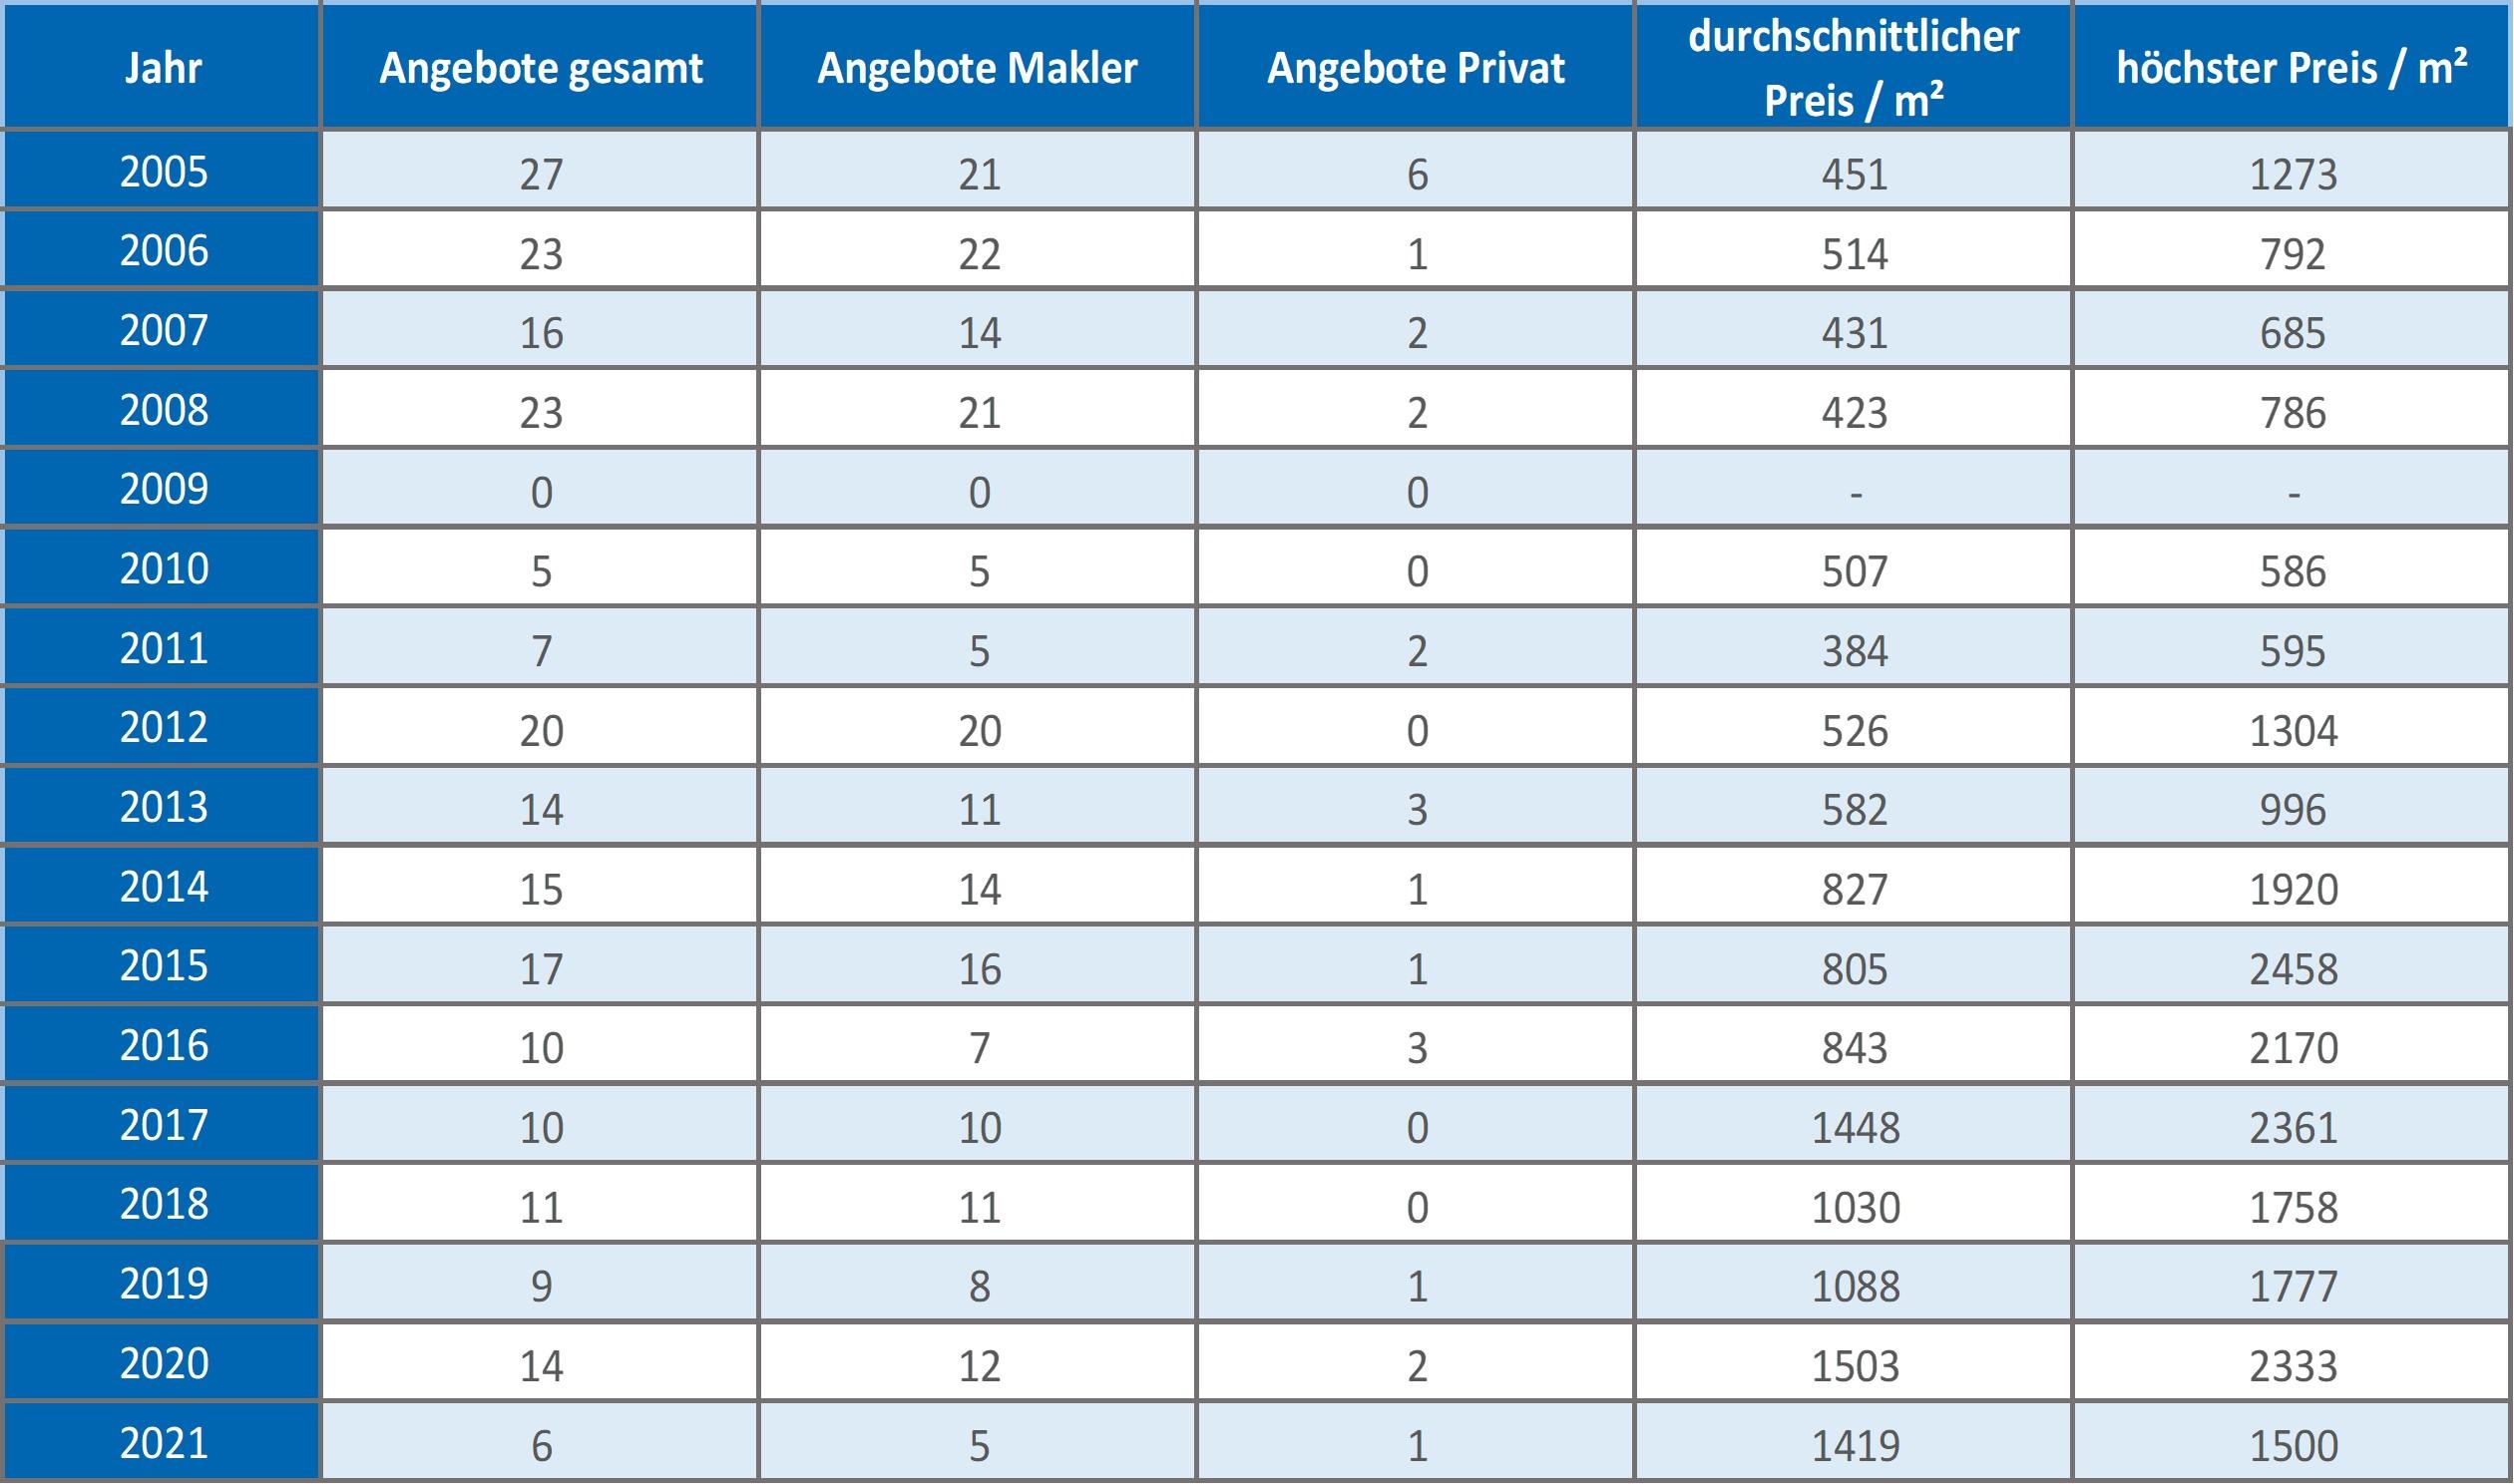 Inning am Ammersee Grundstück kaufen verkaufen Preis Bewertung Makler  2019 2020 2021 www.happy-immo.de